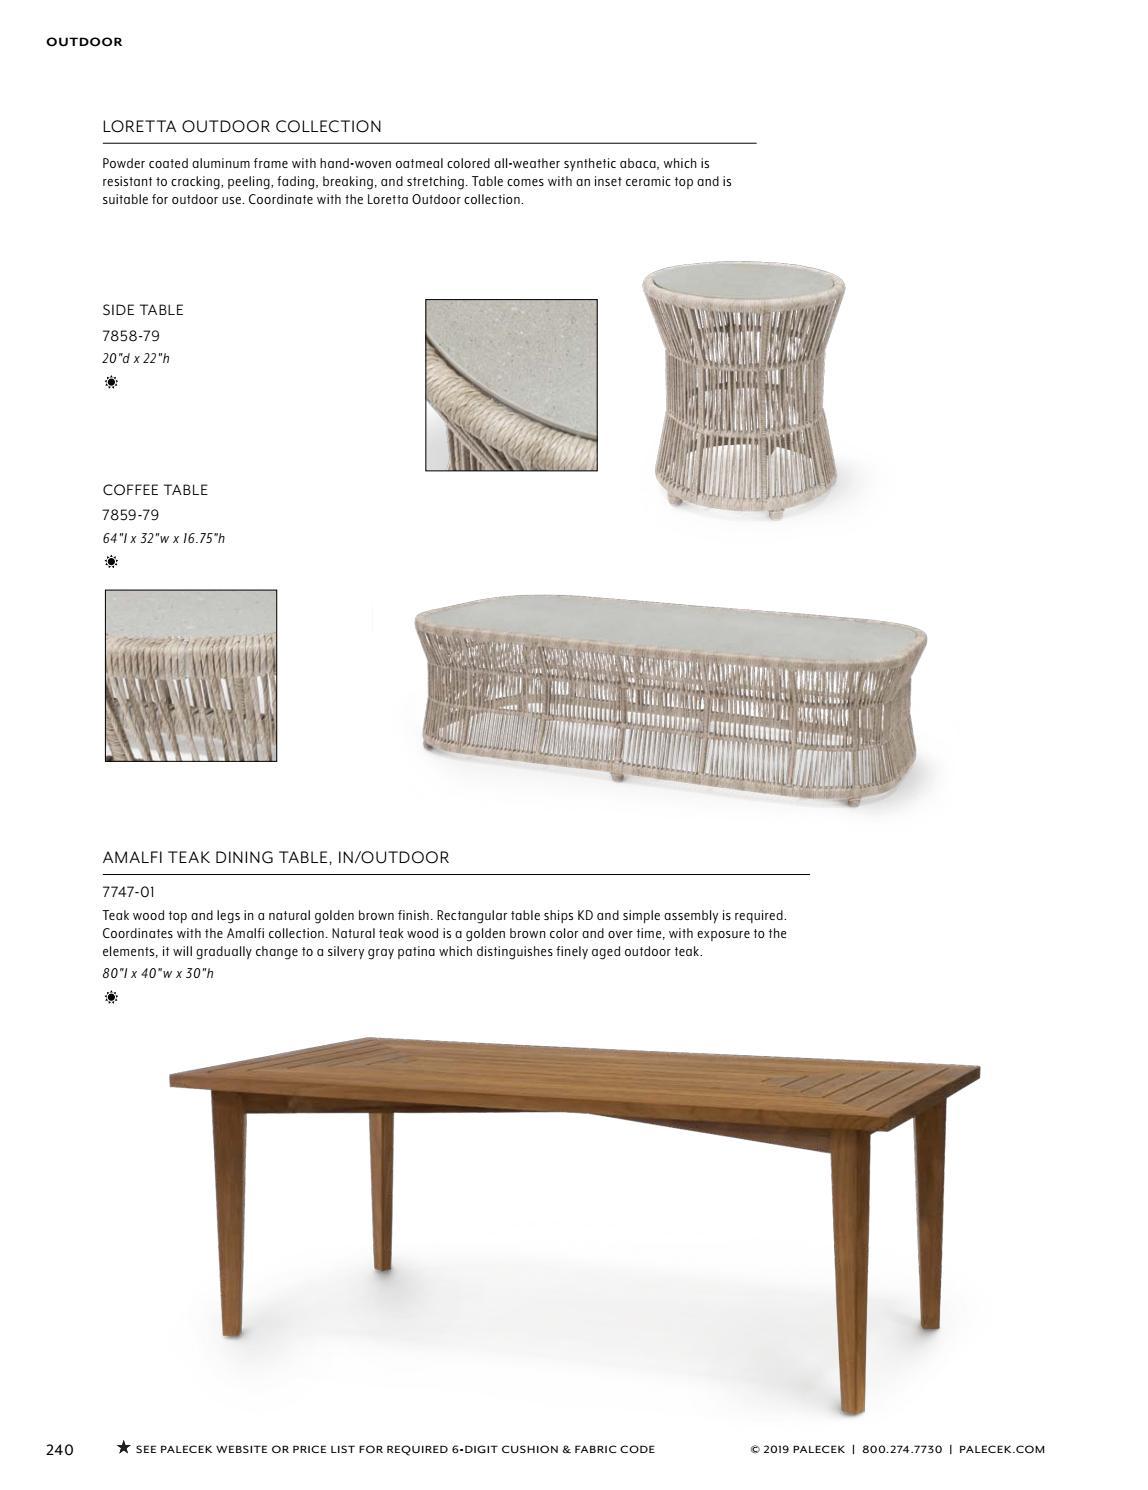 PALECEK 2019 Furniture Accessories Catalog By Palecekdesign